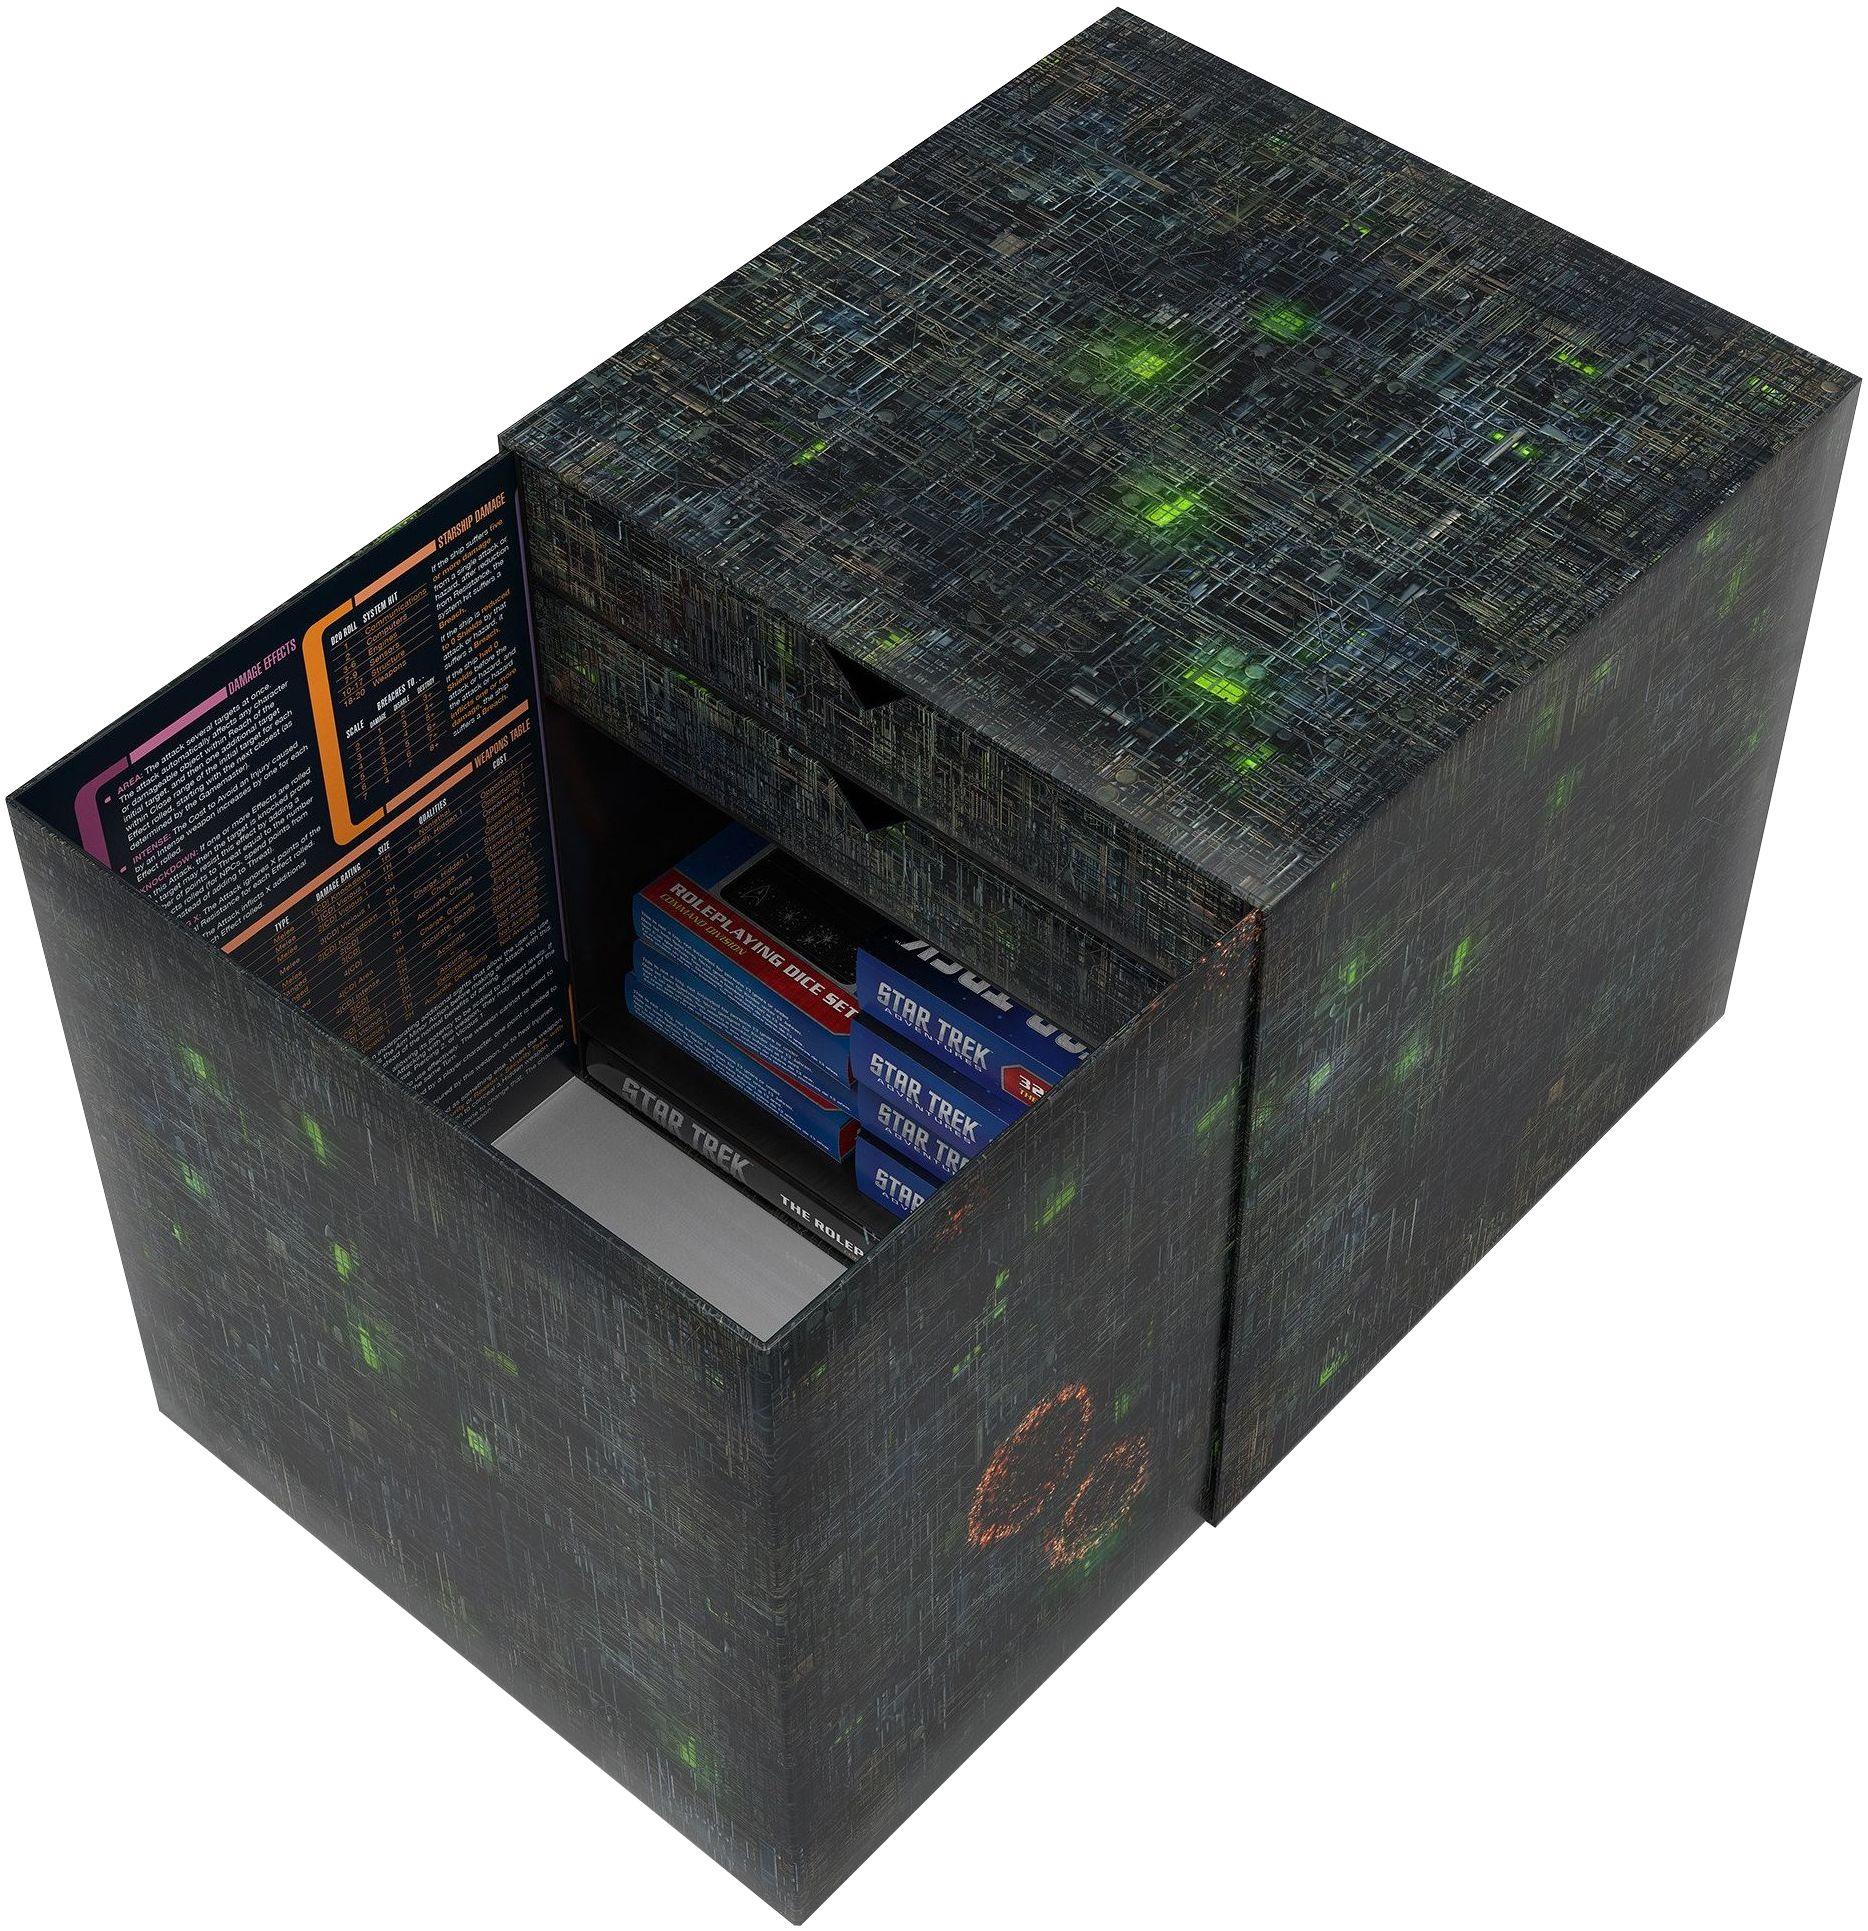 Borg Cube idealnie sprawdzi się do przechowywania wszystkich podręczników i akcesoriów